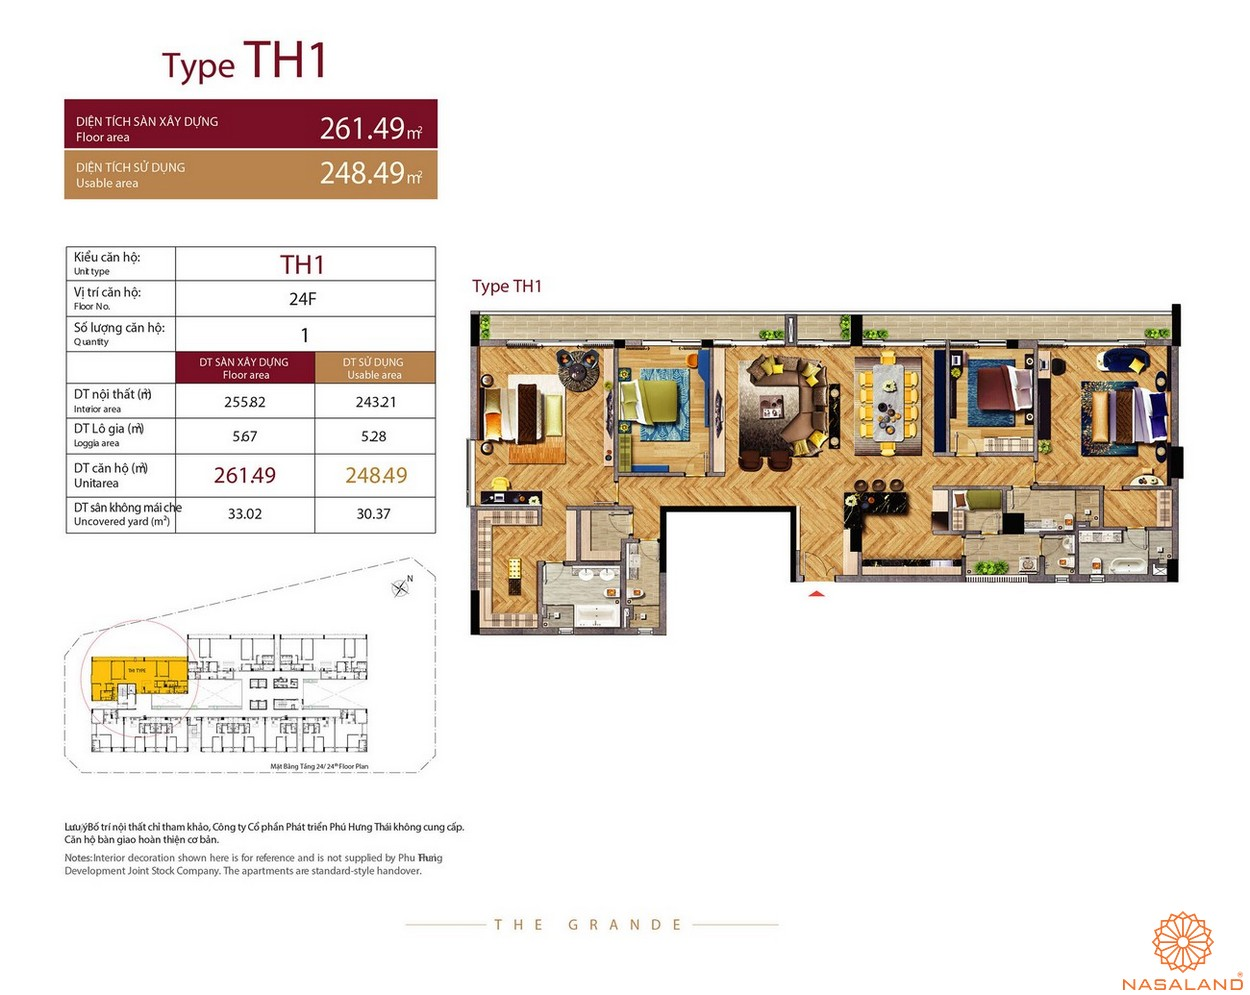 Thiết kế căn hộ Type TH1 dự án The Grande Midtown quận 7